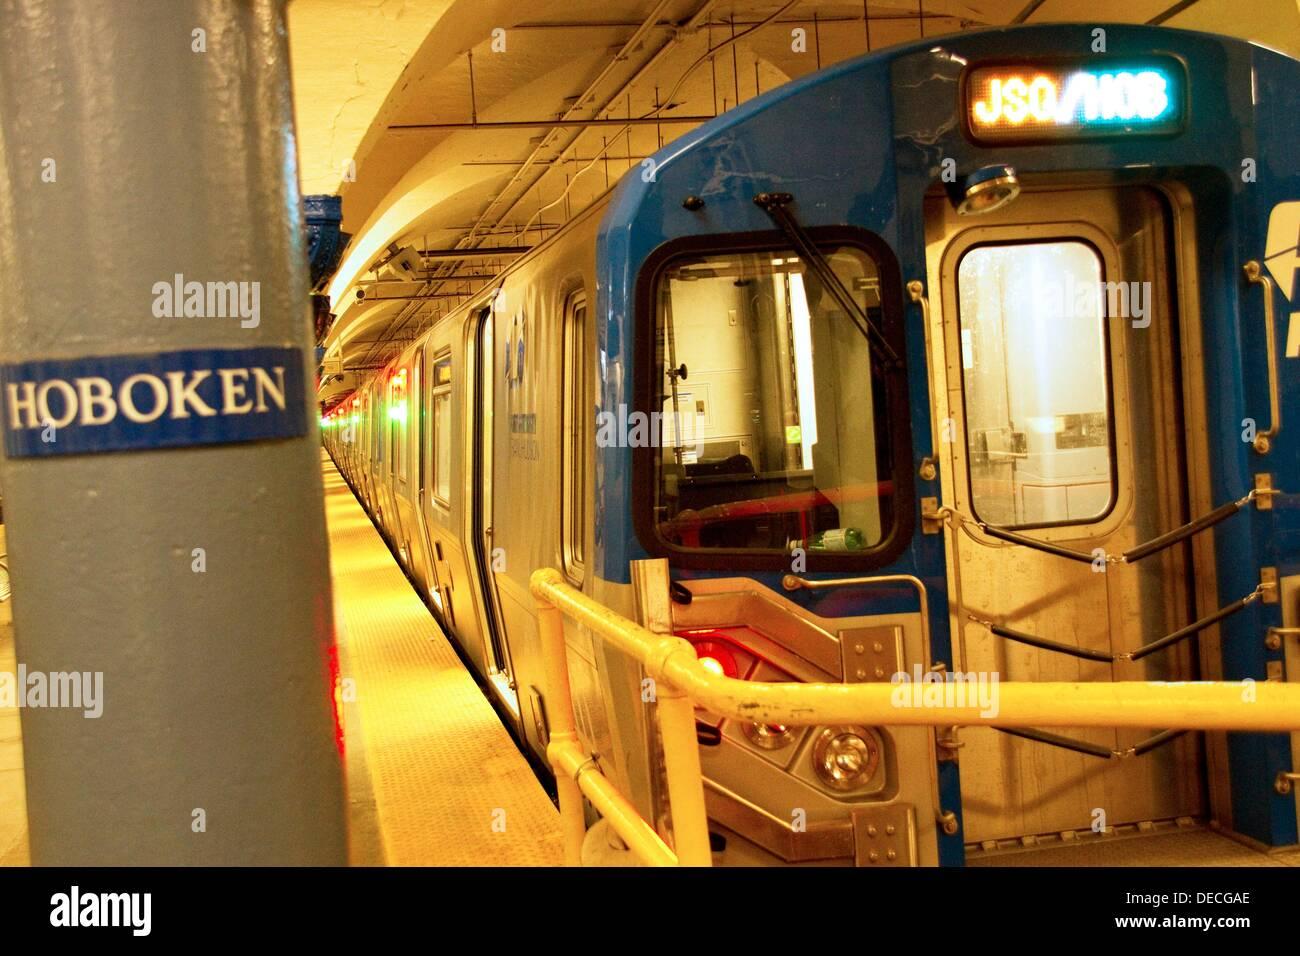 Aux Etats-Unis. New Jersey, Hoboken, Path (Port Authority) Trans-hudsonien terminal. Le chemin est un chemin de fer de transport rapide reliant Manhattan, Photo Stock